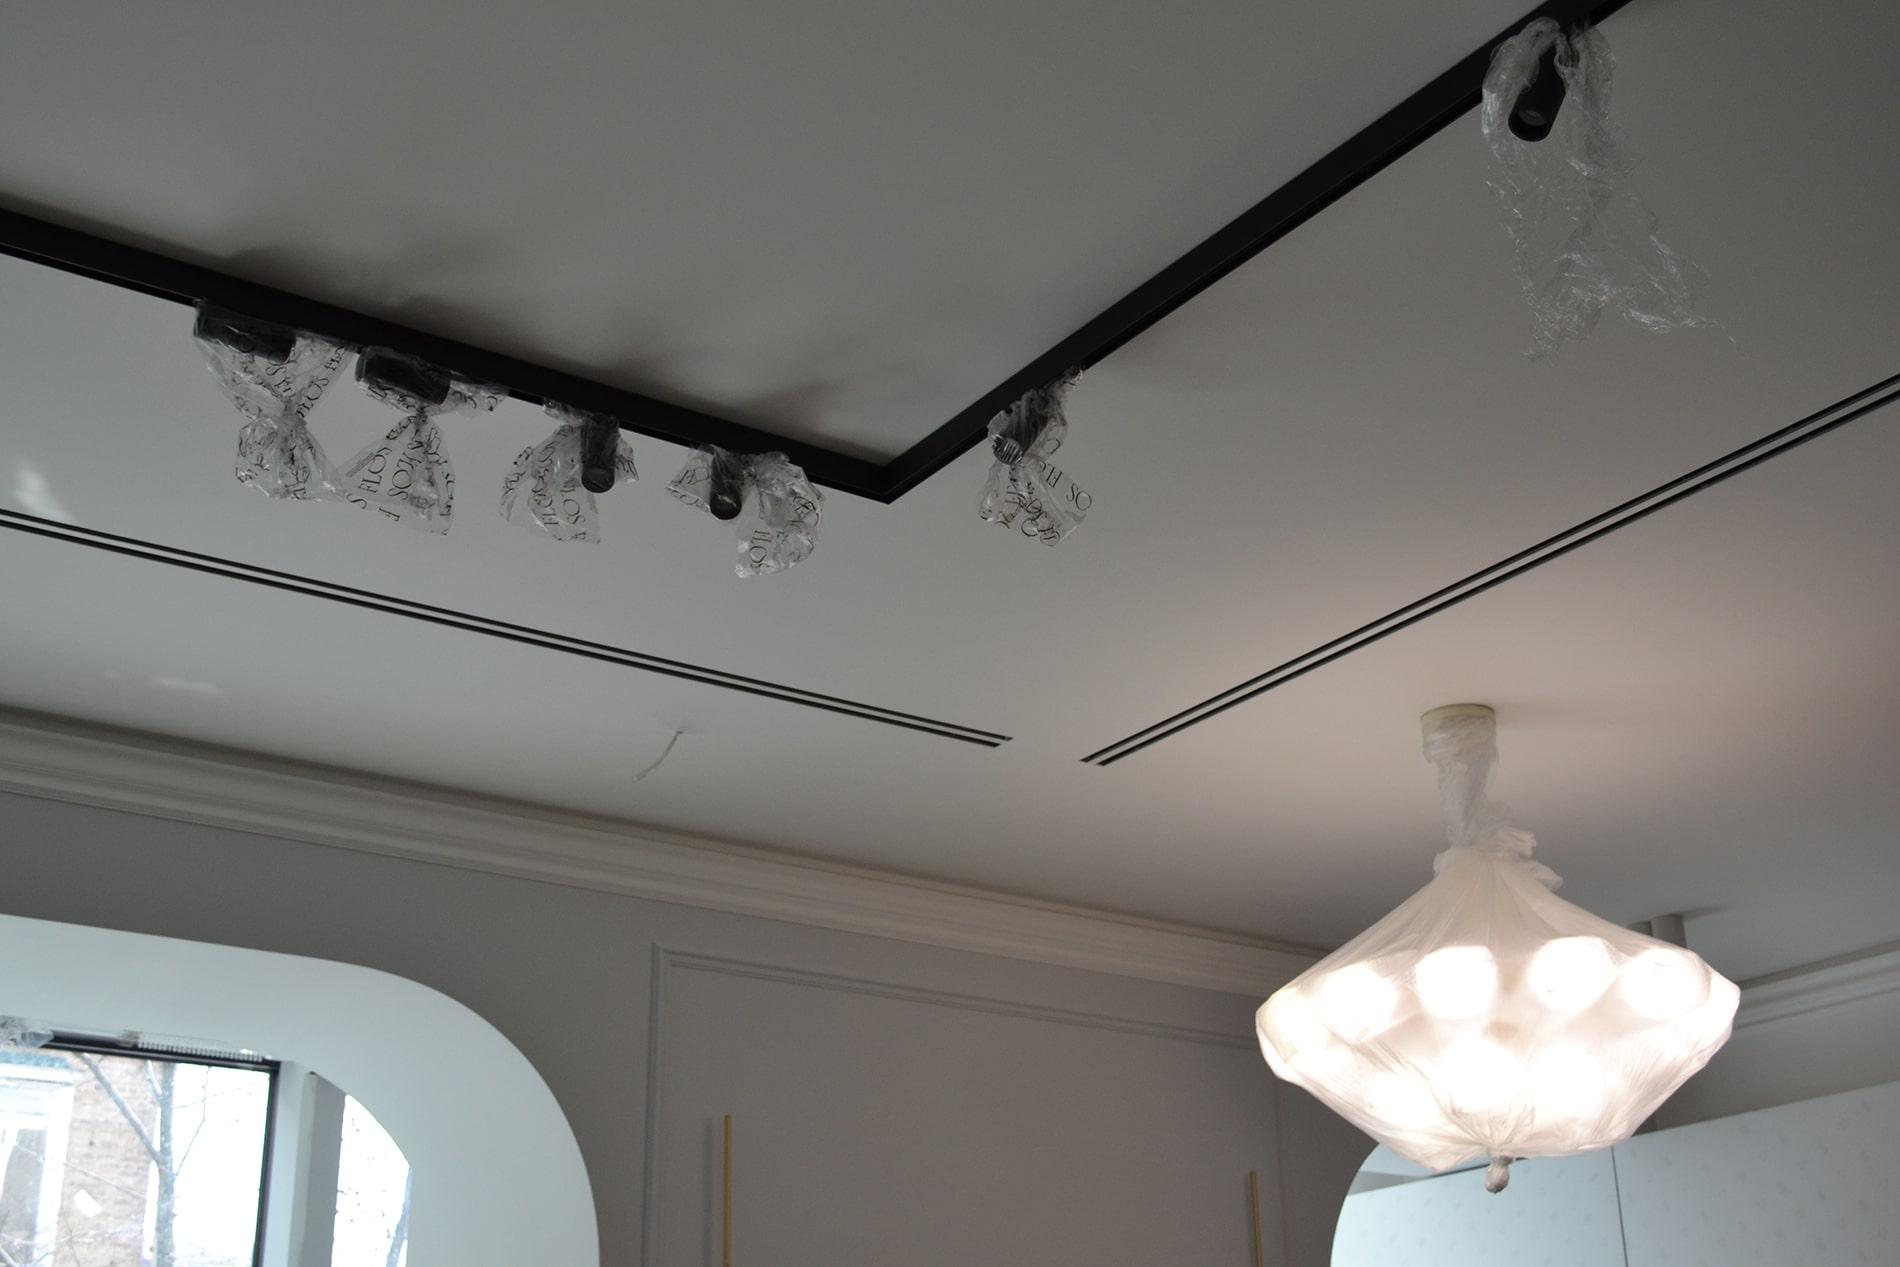 Організація освітлення, вентиляції і кондиціонування у зоні вітальні-кухні